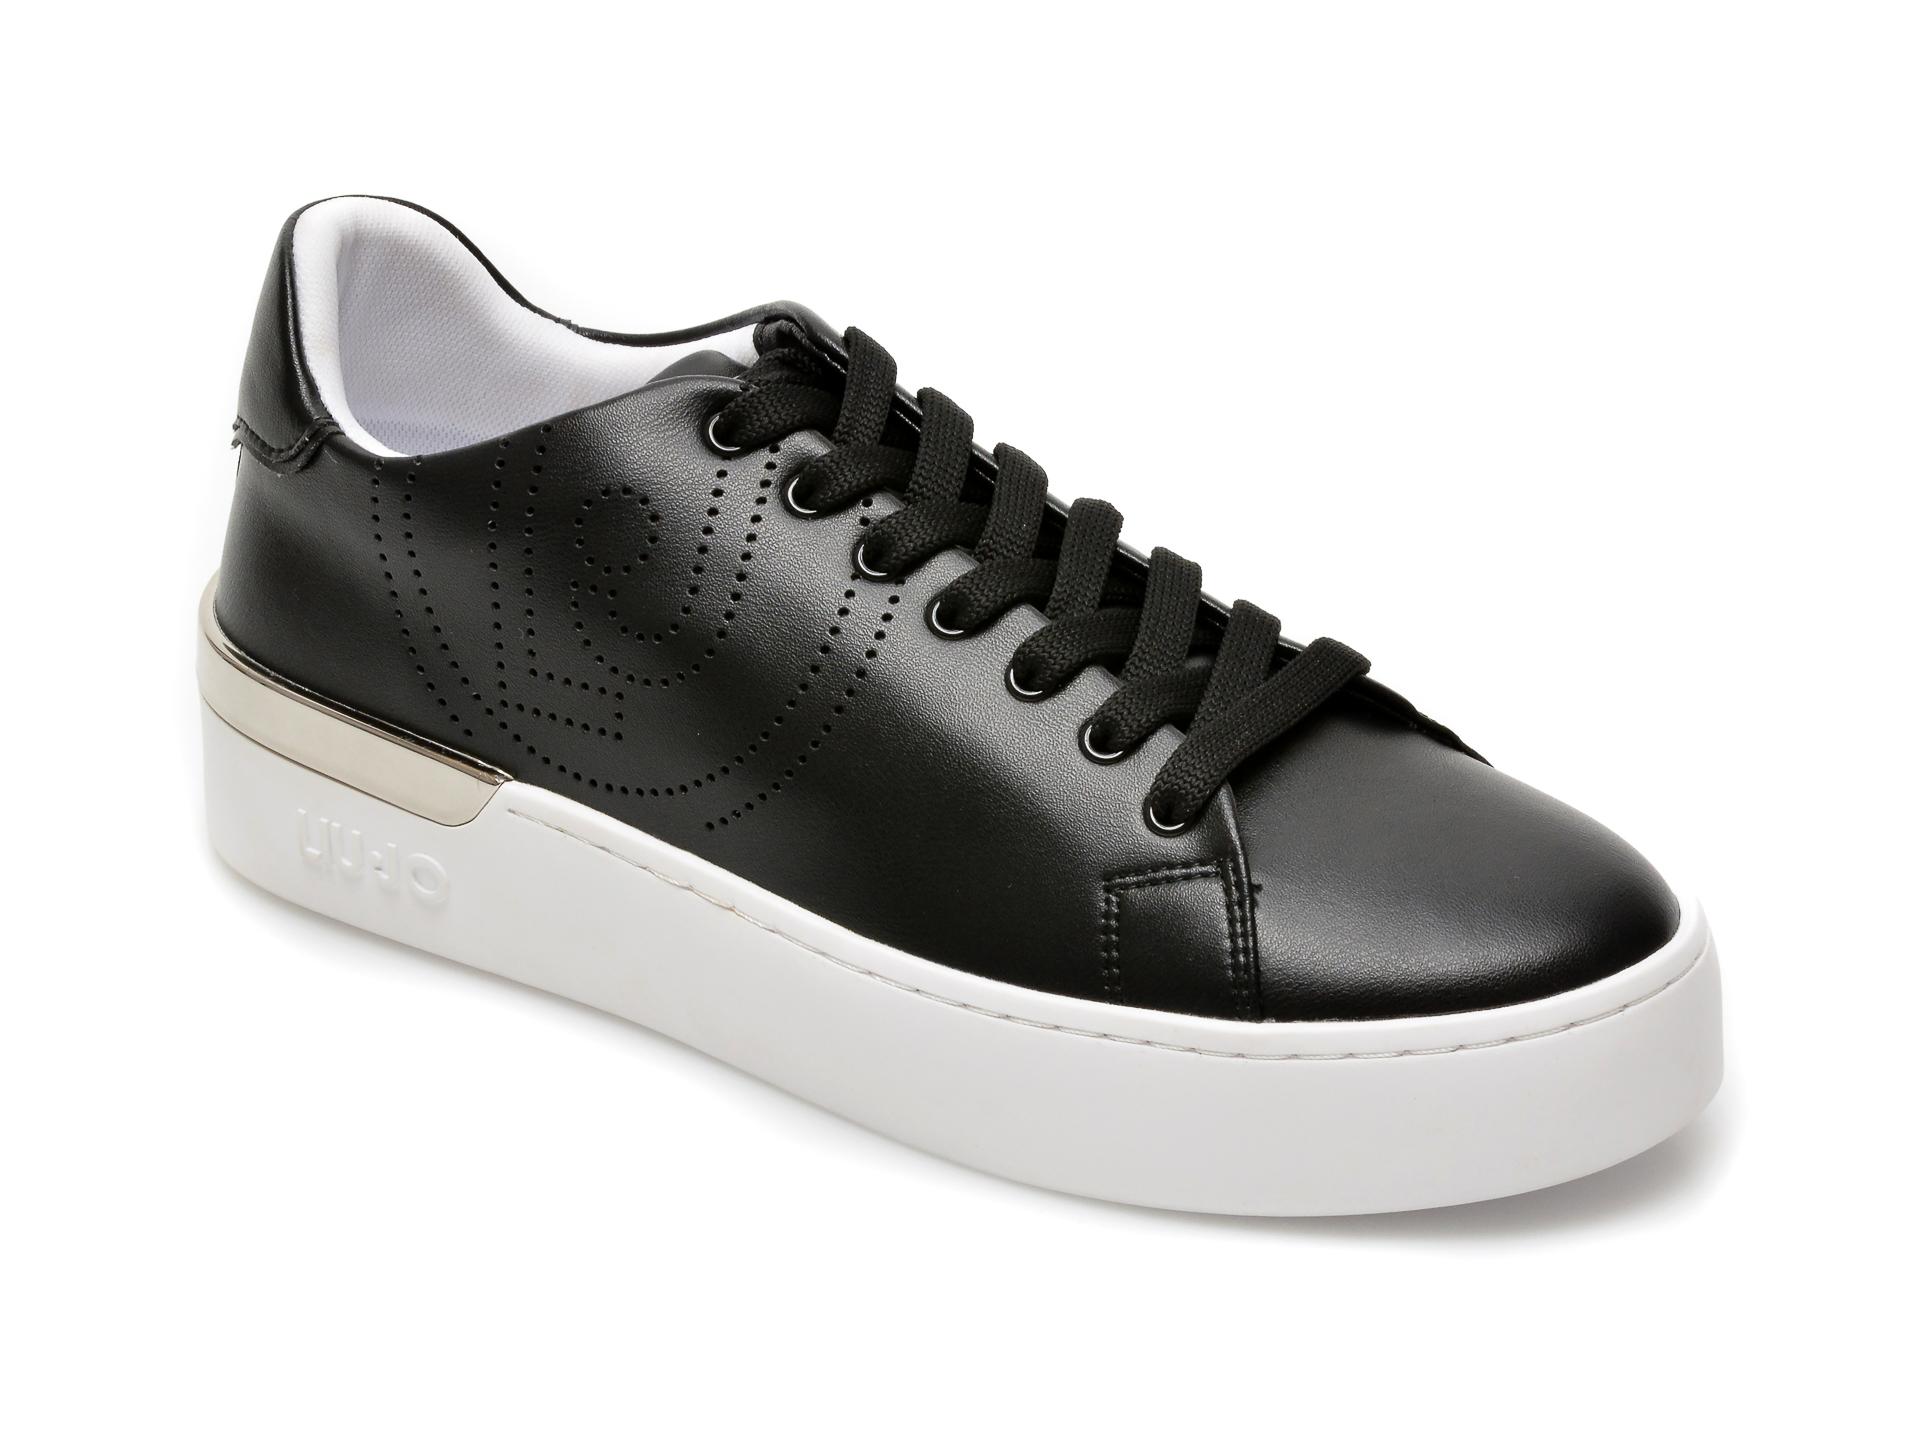 Pantofi sport LIU JO negri, Silvia 3, din piele ecologica